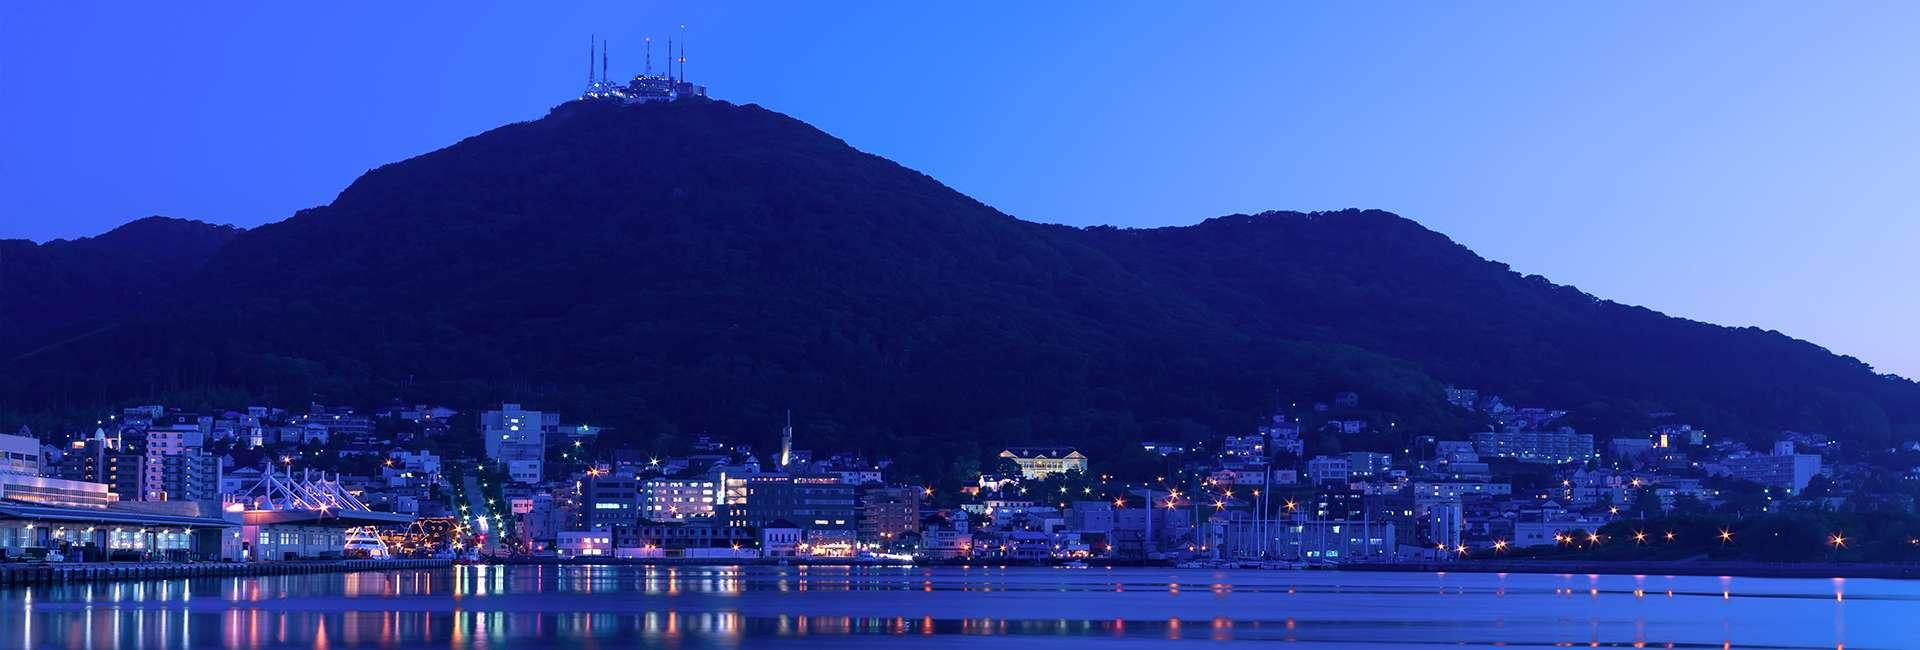 le mont Hakodate au Japon